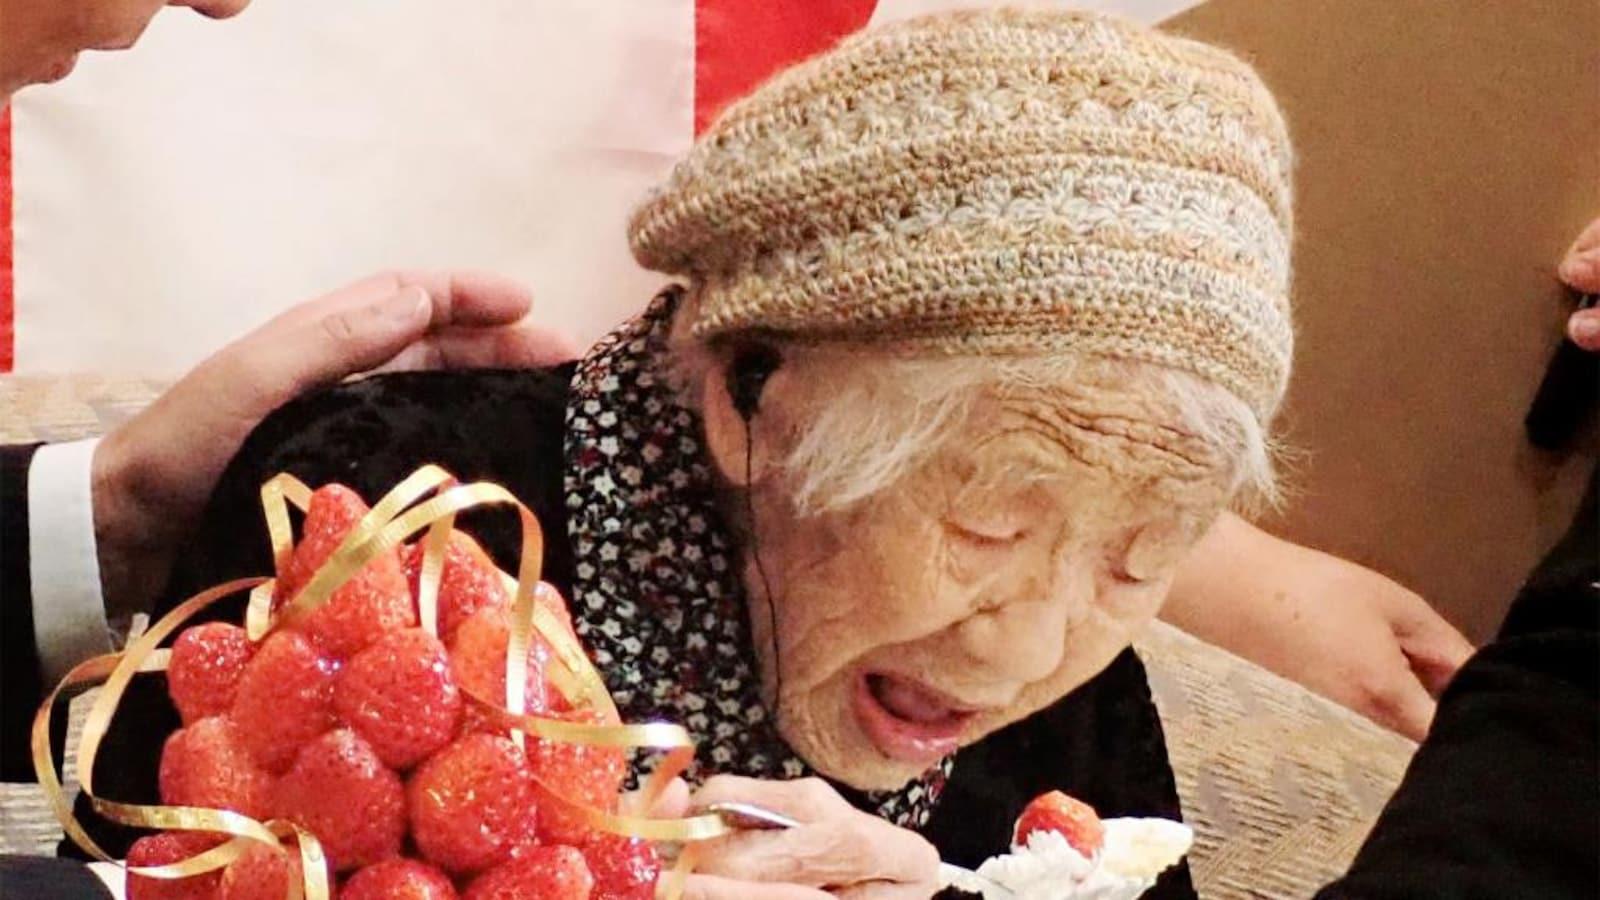 La doyenne de l'humanité, un chapeau sur la tête et une cuillère à la main, se penche devant une assiette, la bouche ouverte, pour manger une part de gâteau à la fraise.